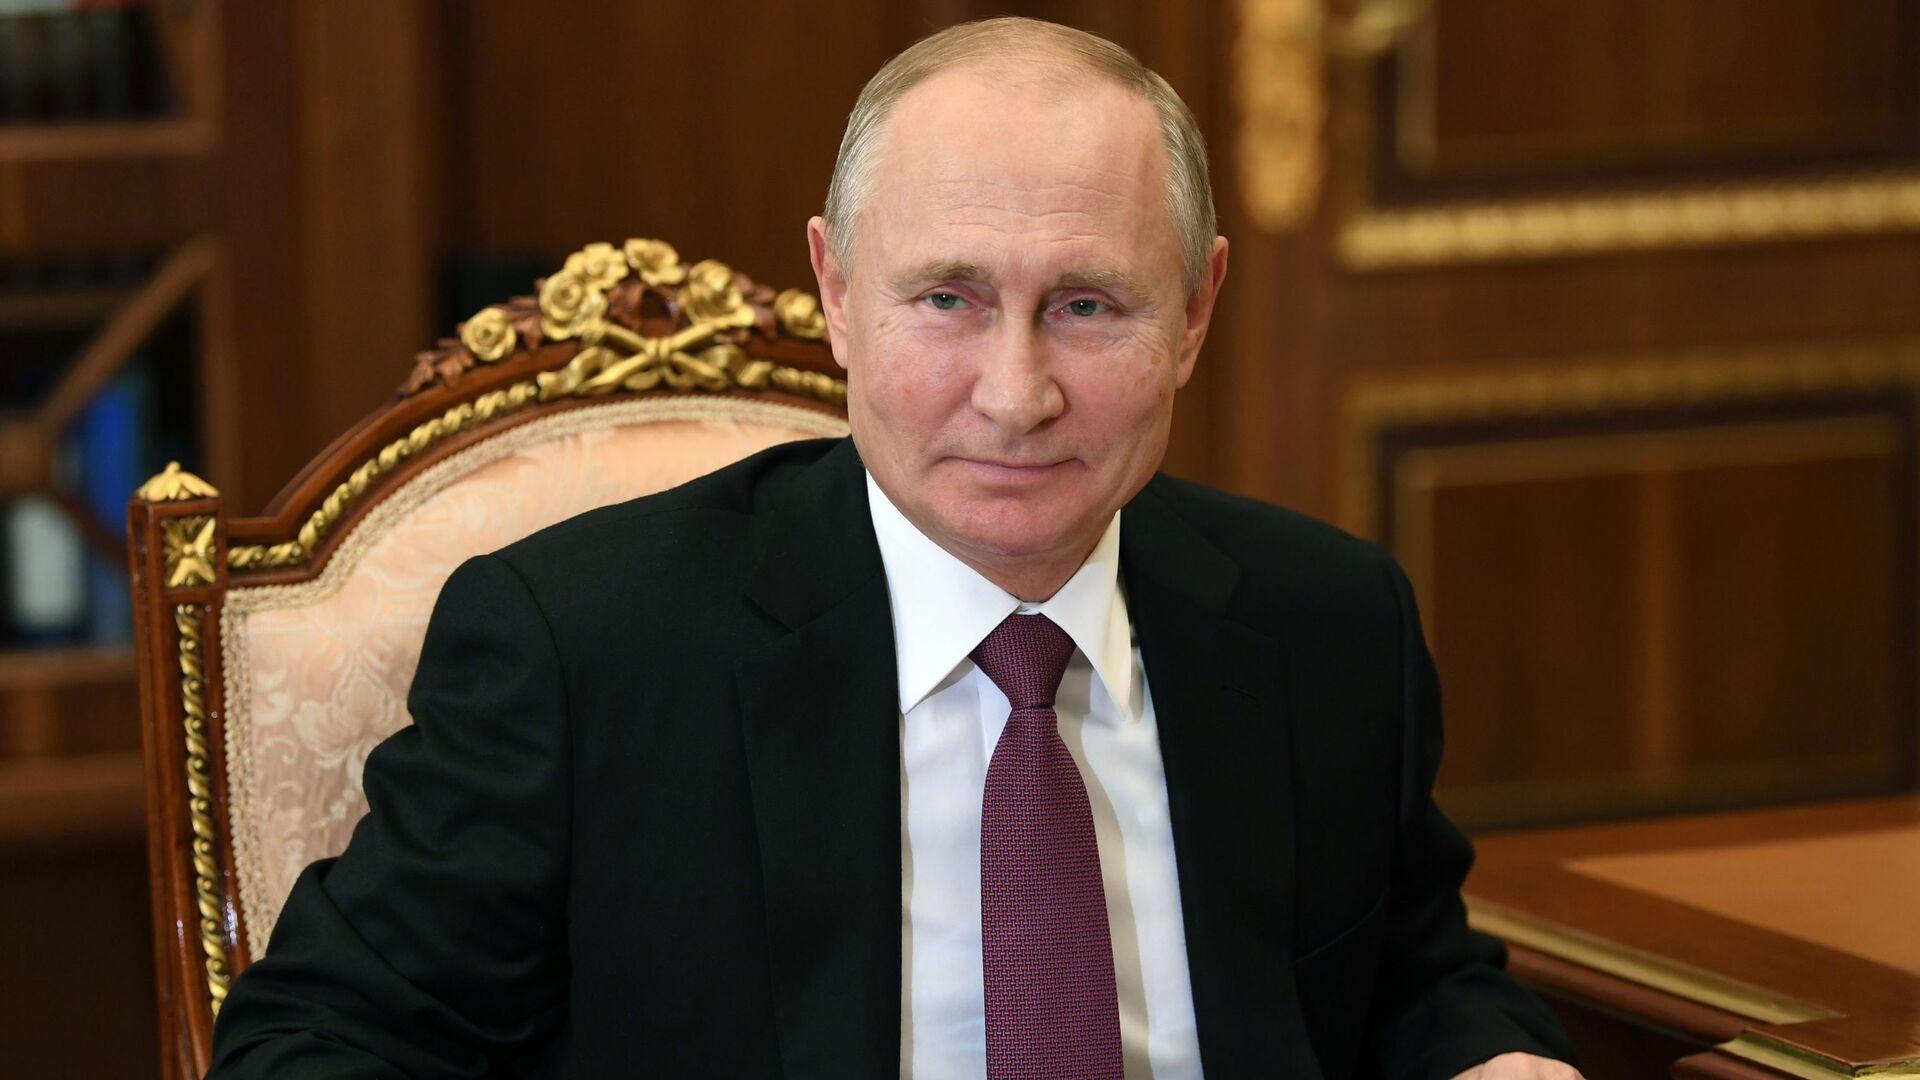 Vladímir Putin, el presidente de Rusia - Sputnik Mundo, 1920, 18.03.2021